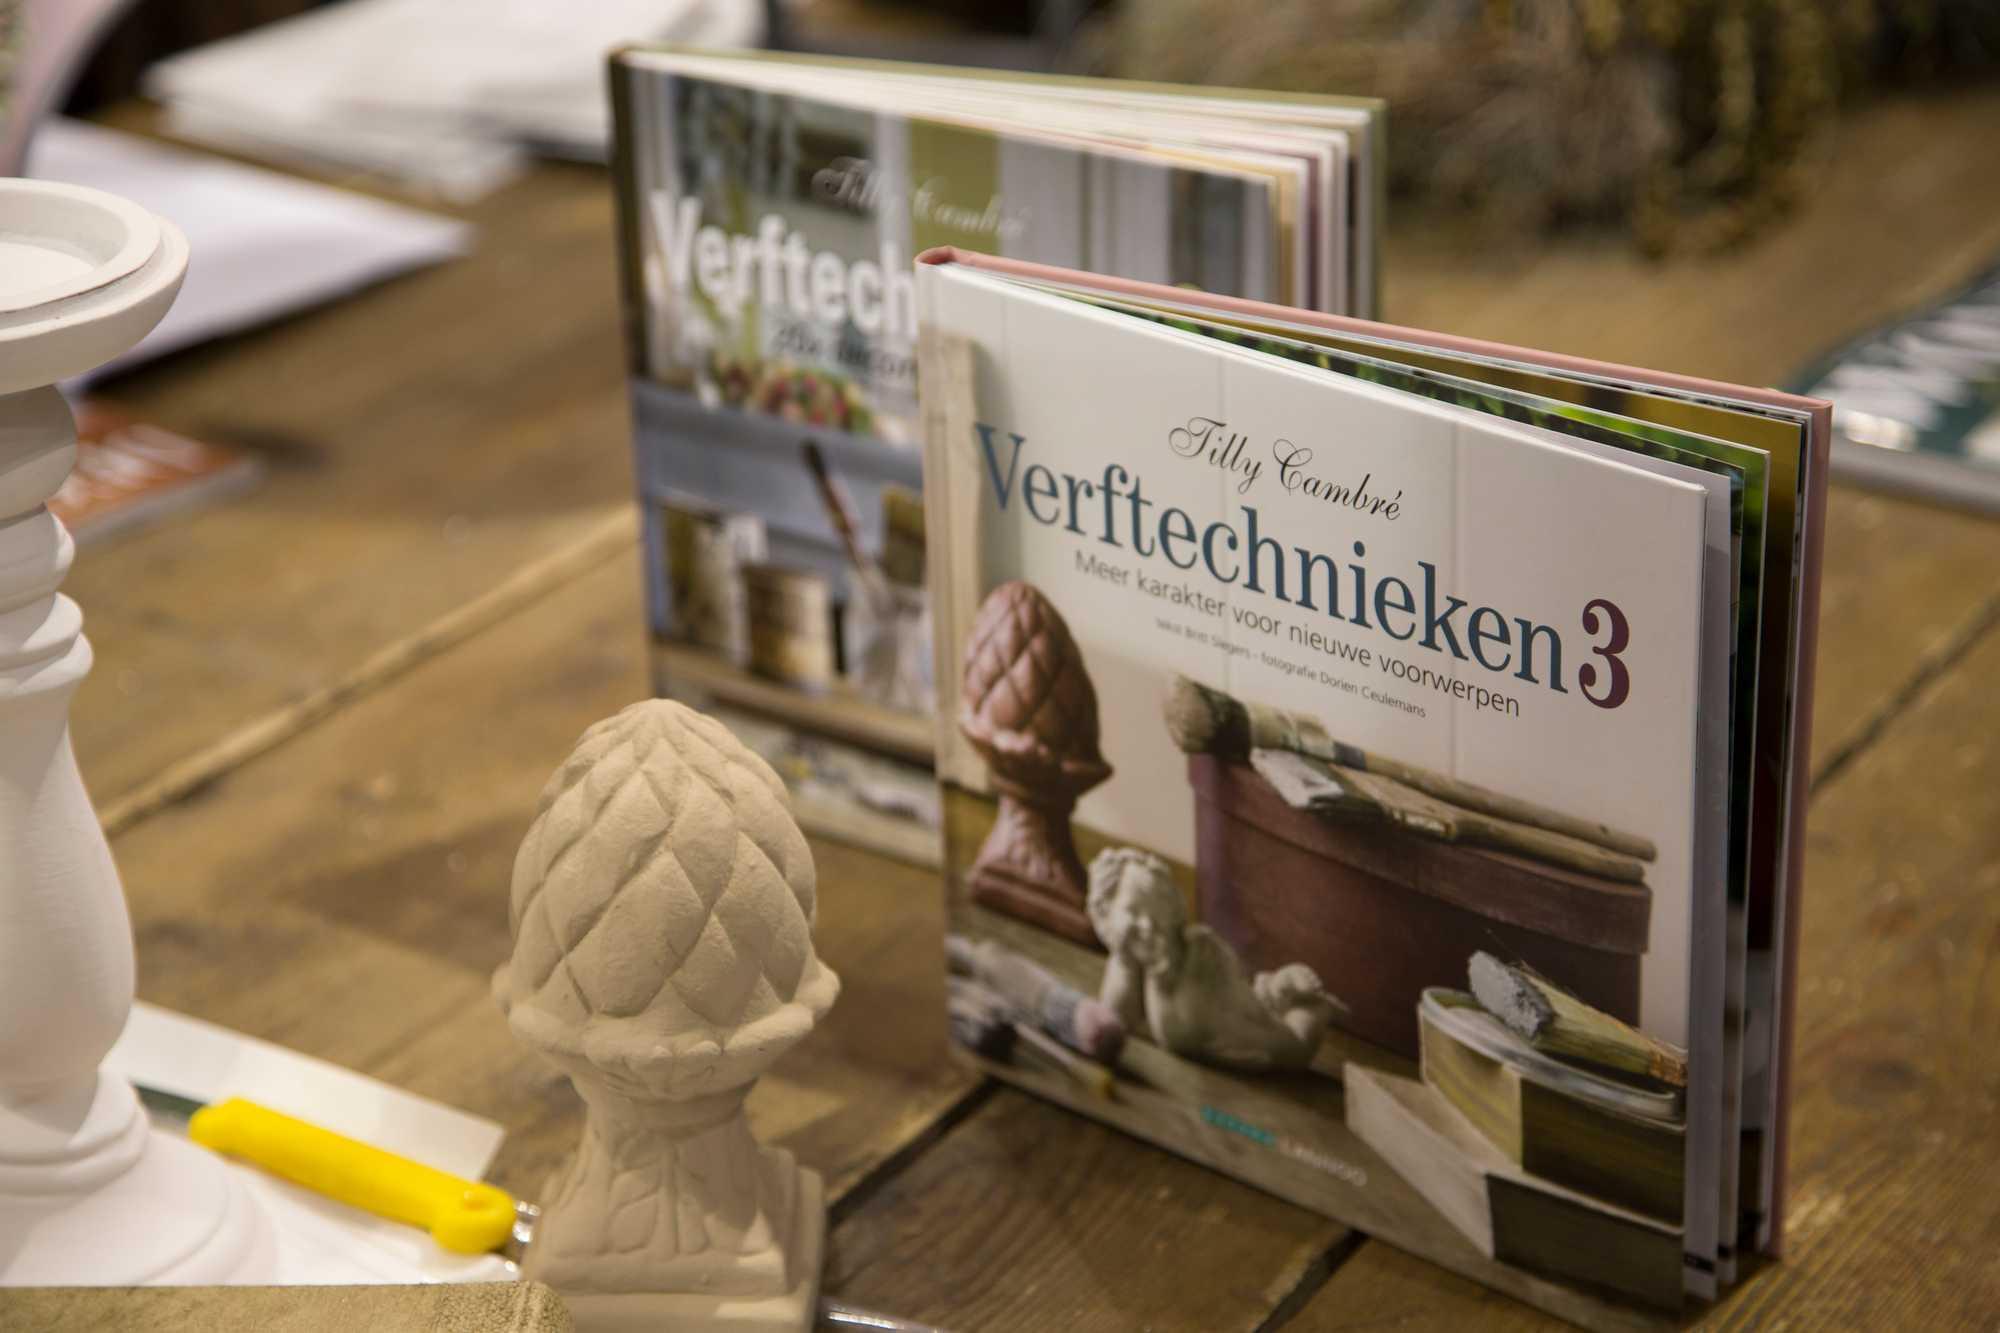 countryside kortingen boek verftechnieken 3